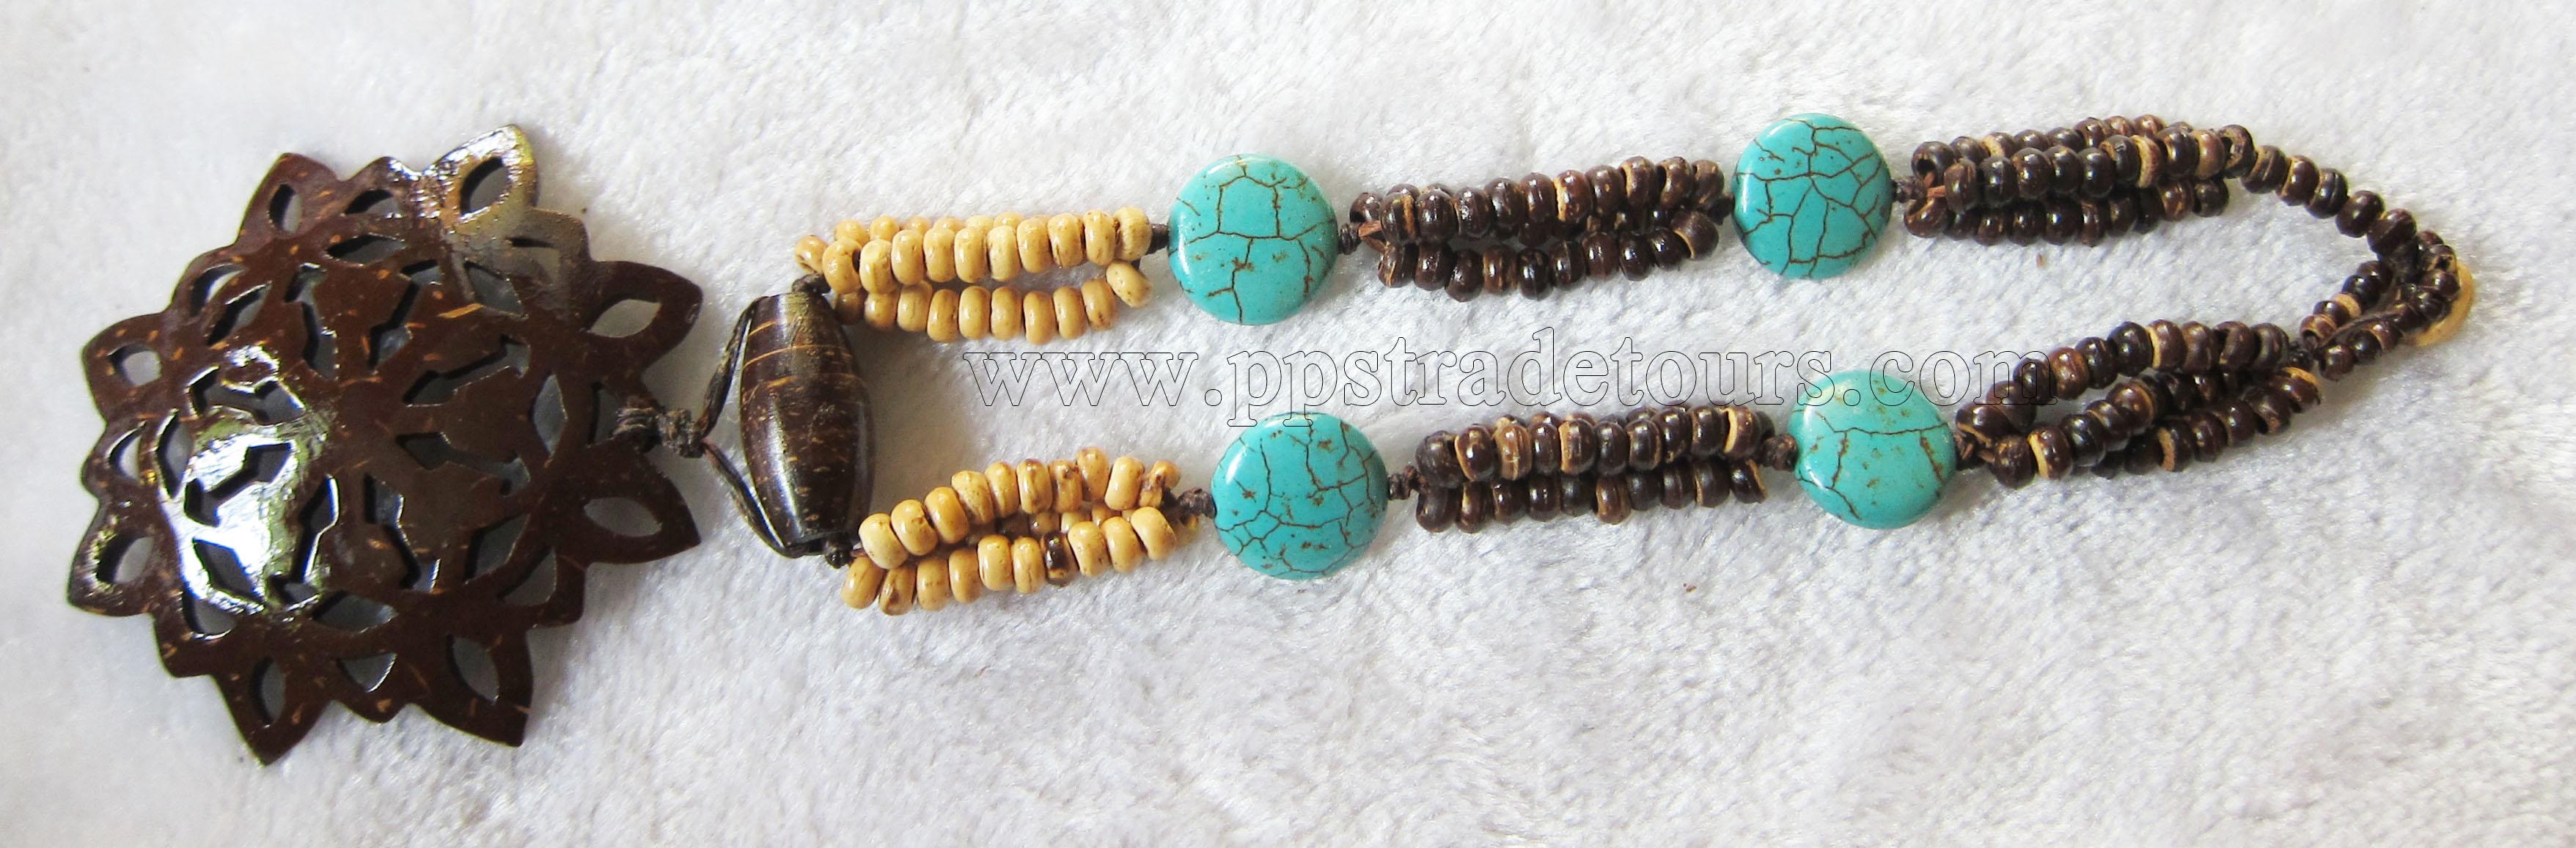 Coconutbeadnecklace_2636